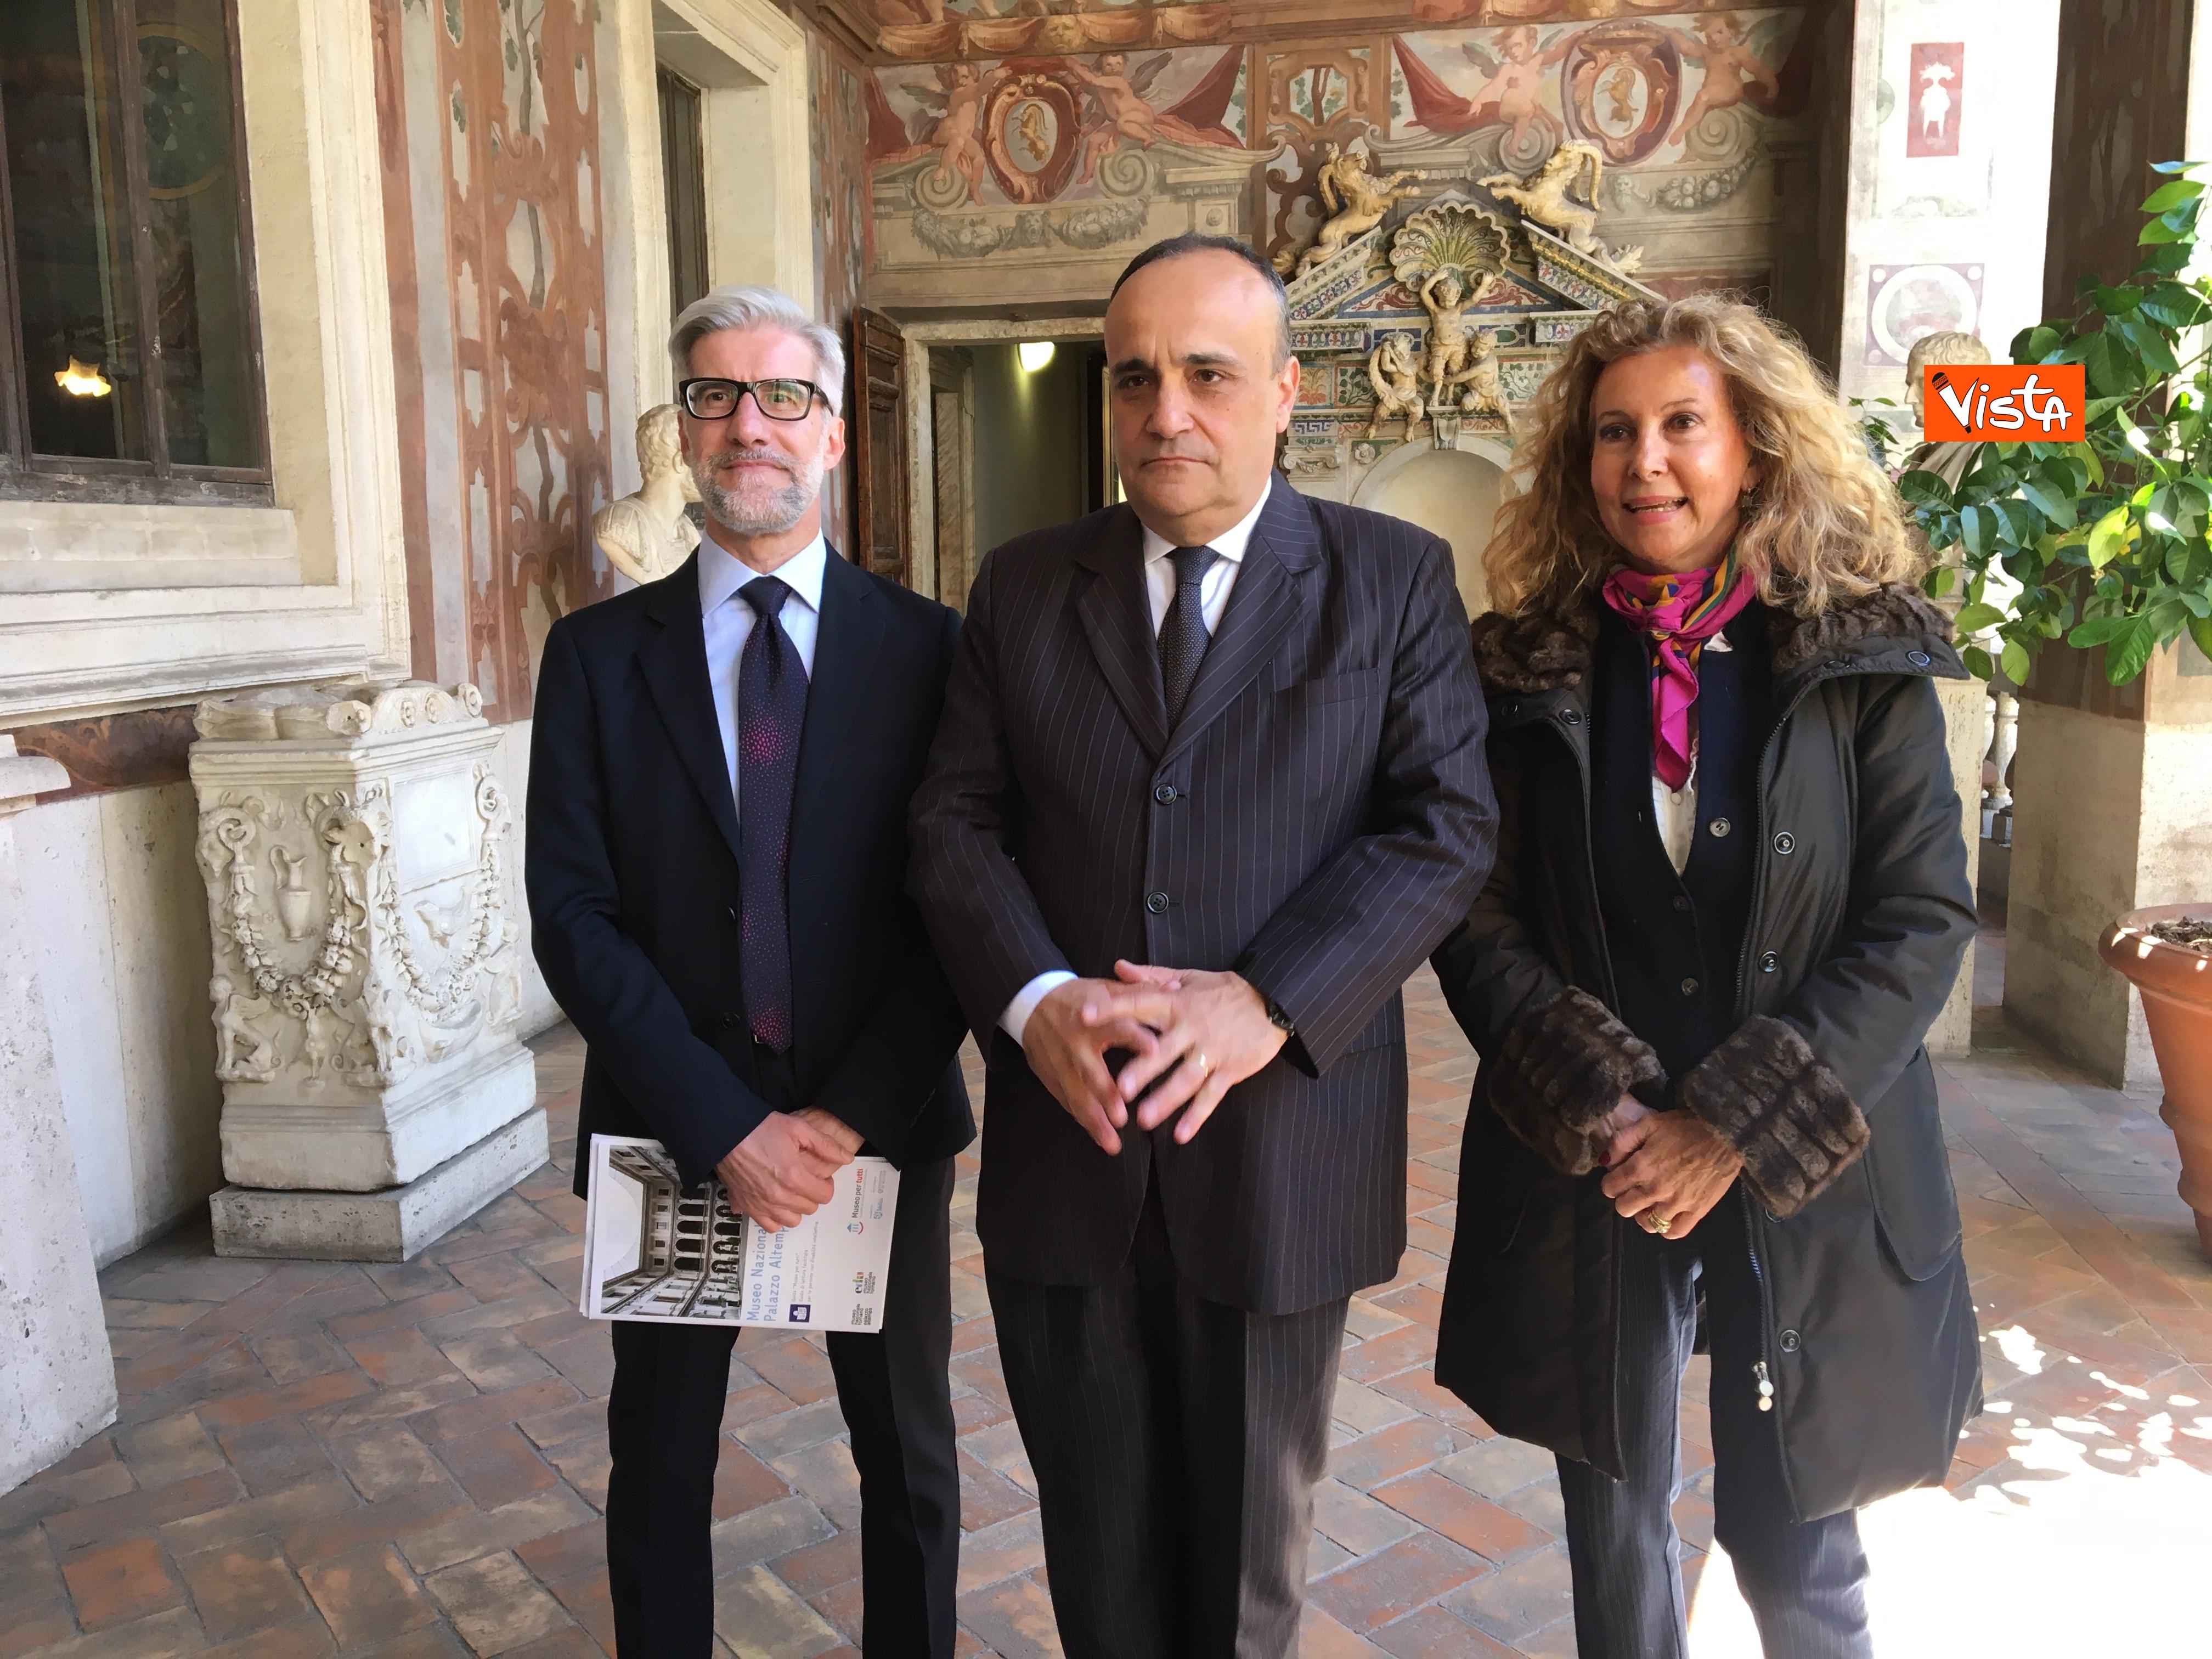 16-05-19 Museo per tutti la presentazione del progetto con Bonisoli a Palazzo Altemps_11